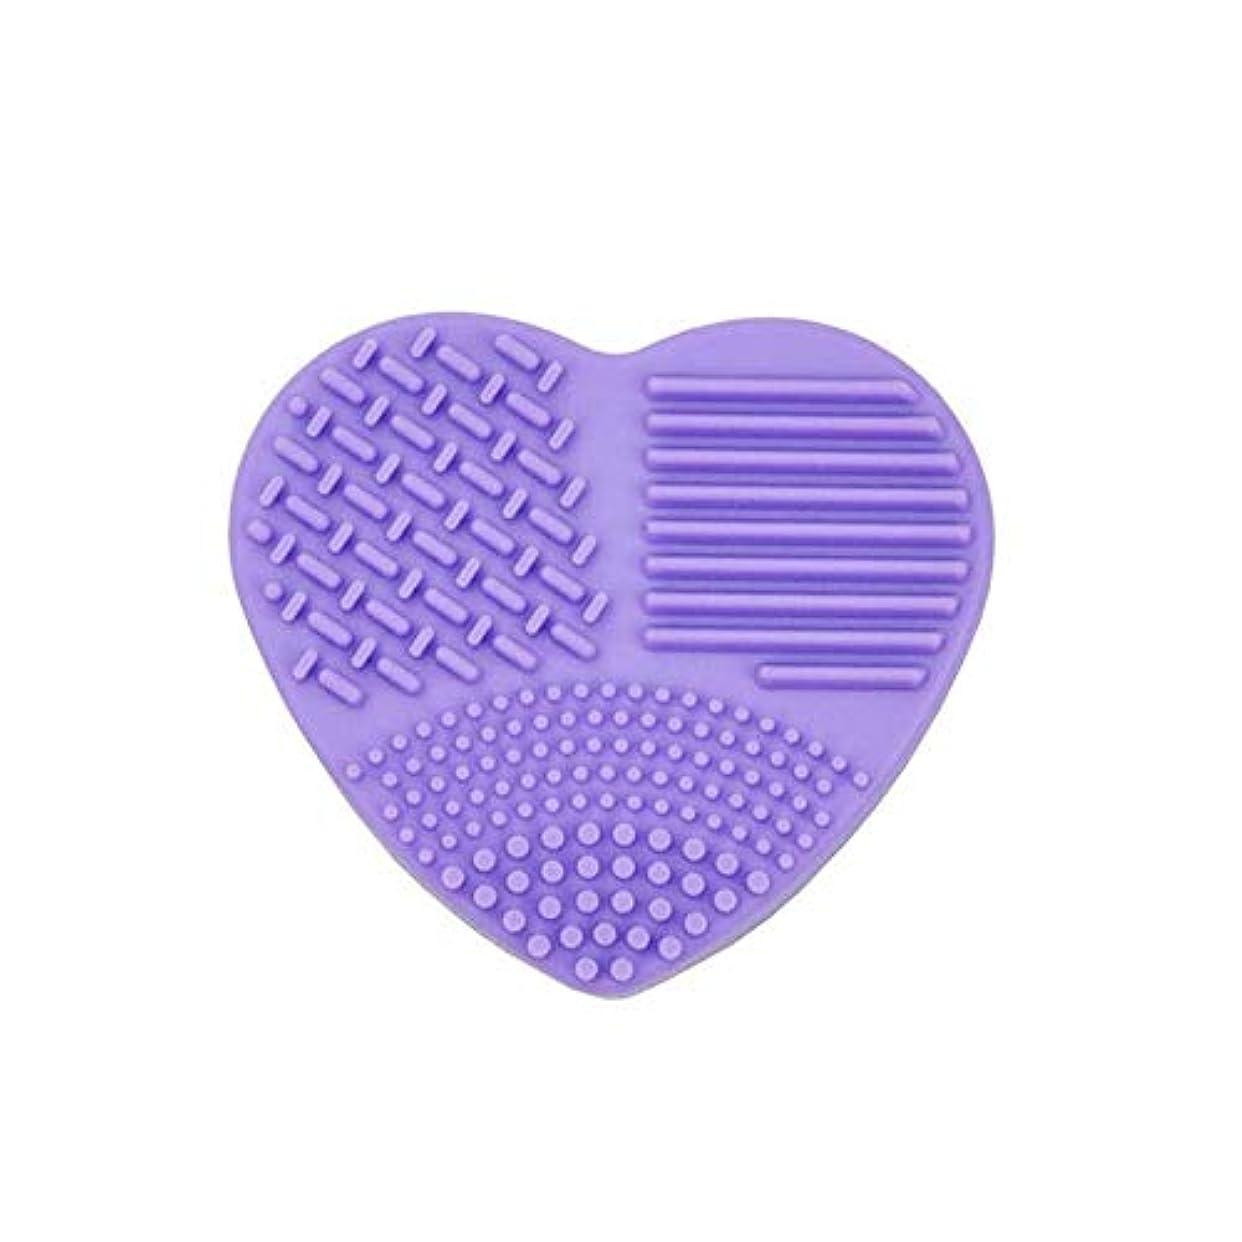 優雅ホイップ不適切なOnior 3in1 シリコン洗濯板 ポータブル メイクブラシクリーナー 旅行や外泊の必需品 化粧ブラシクリーナー 洗浄ブラシ 清掃ブラシ シリコンブラシ 強い弾力性